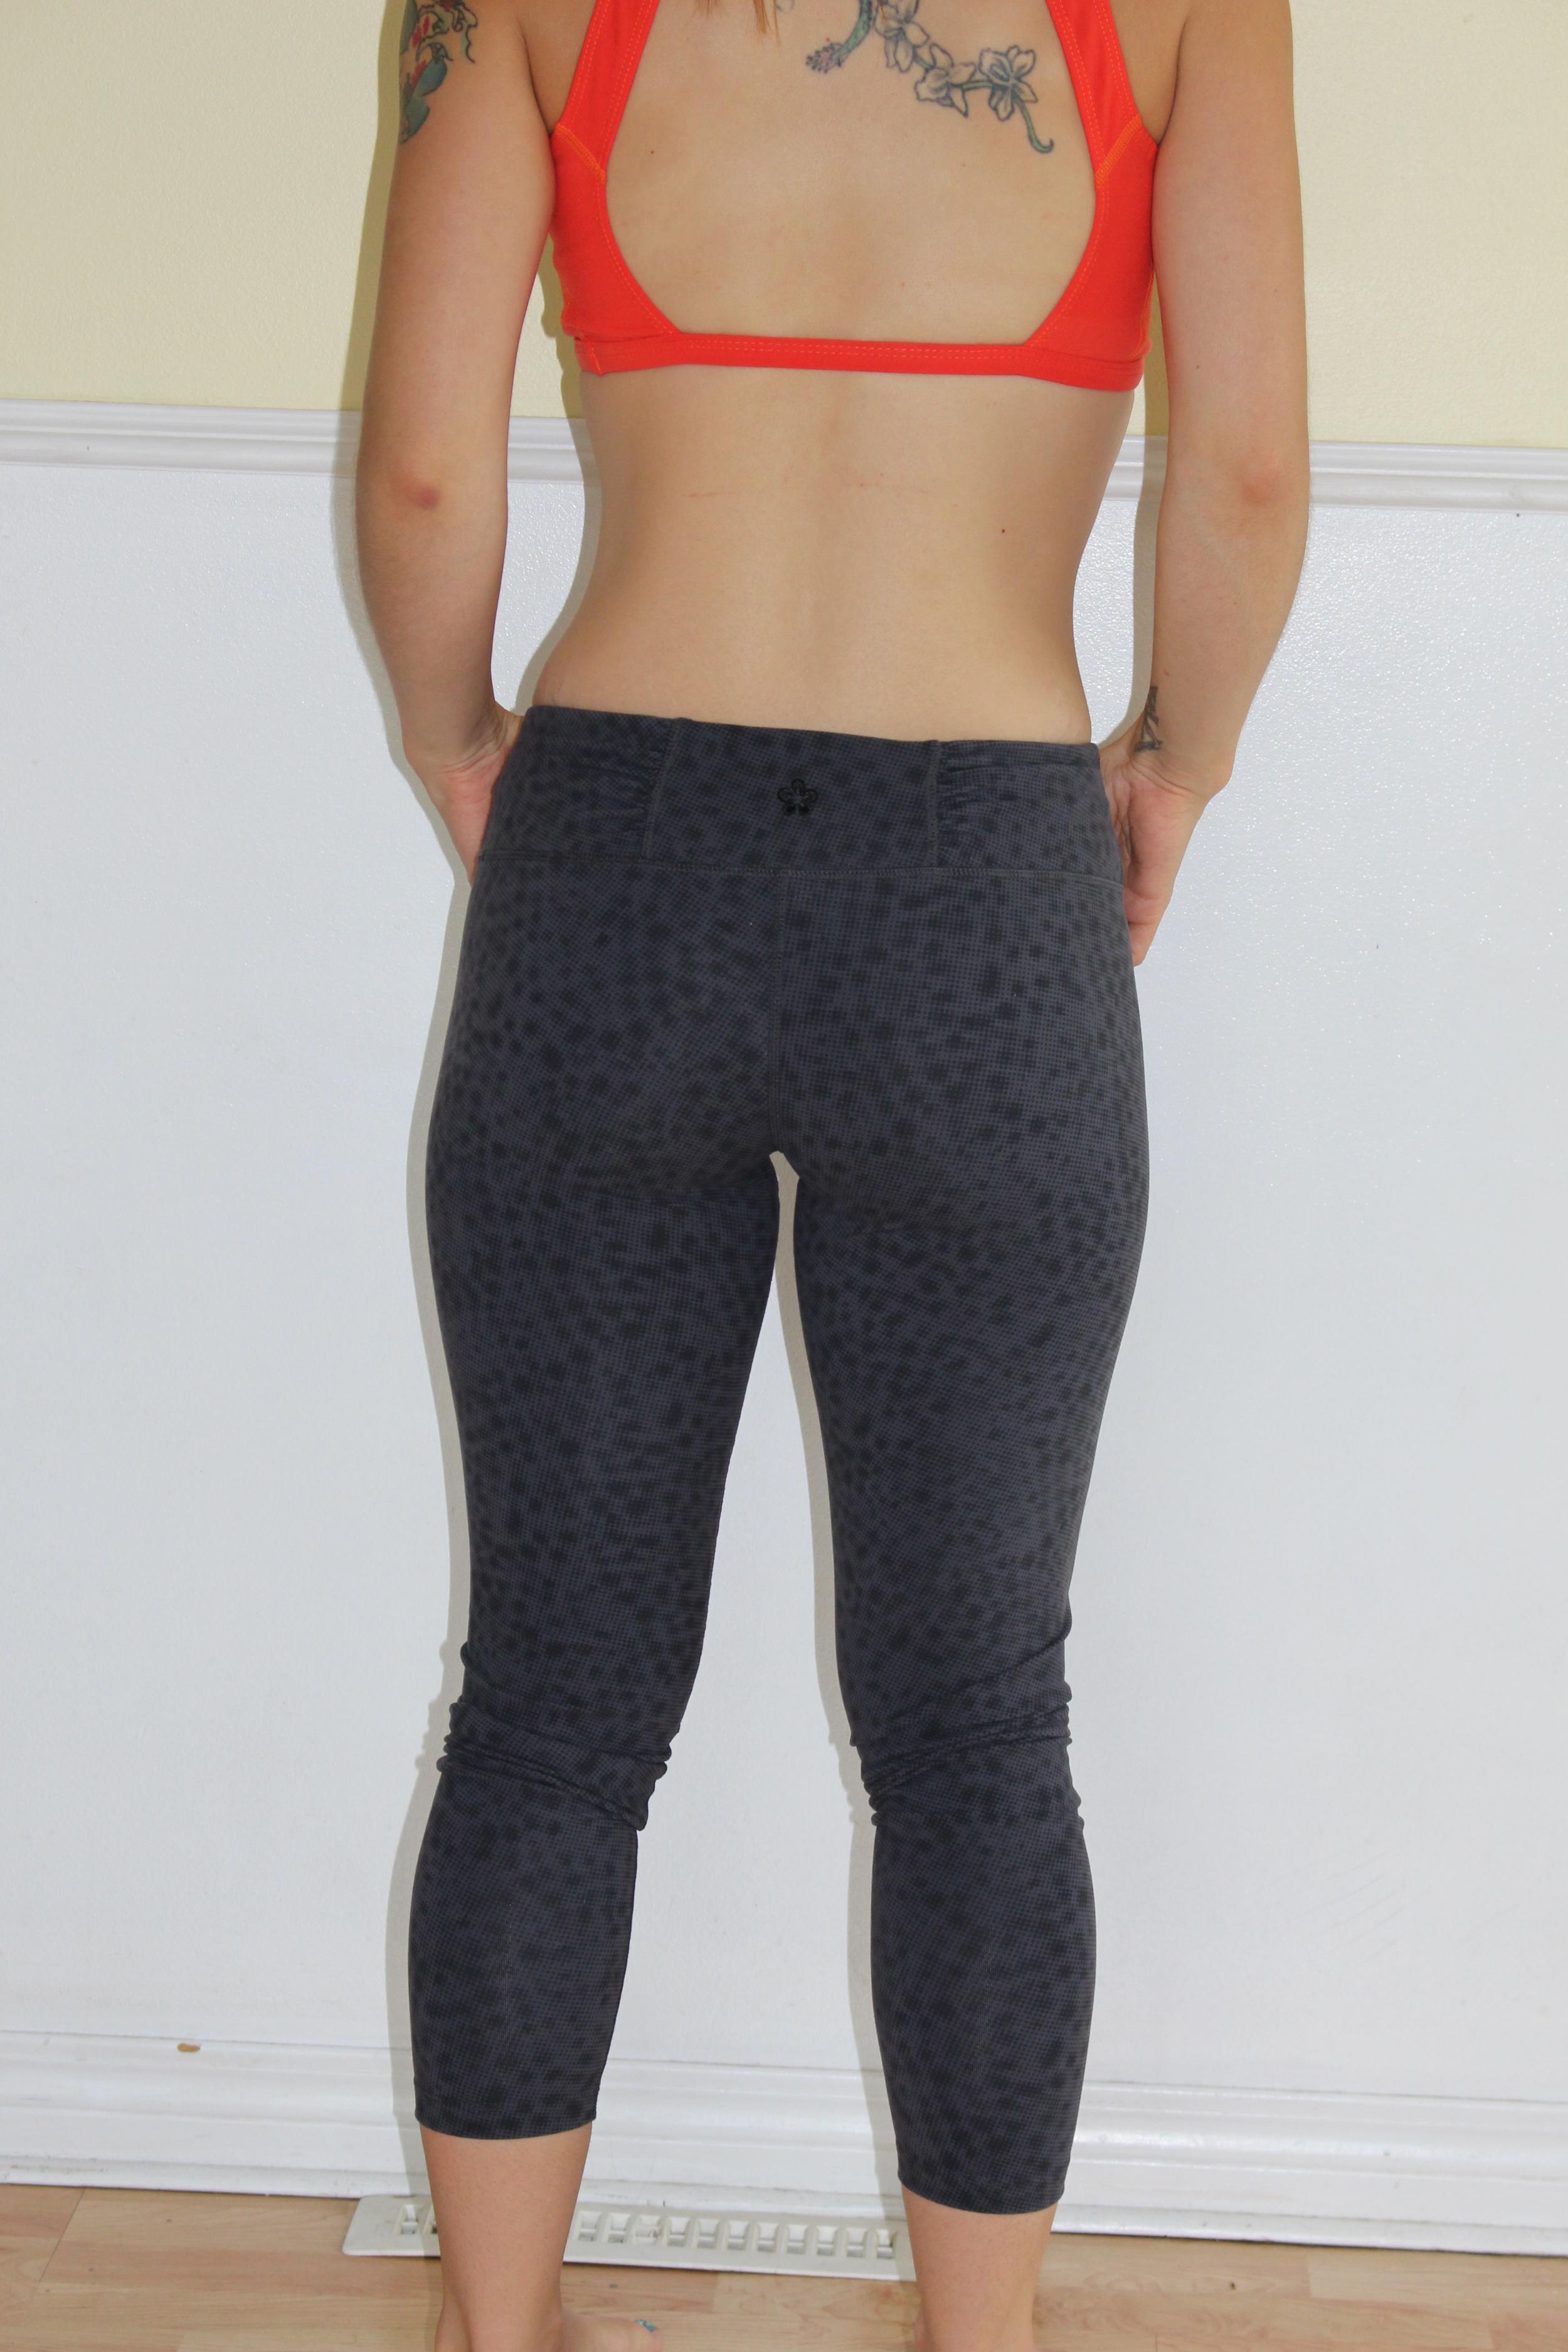 Pants and Bra 019